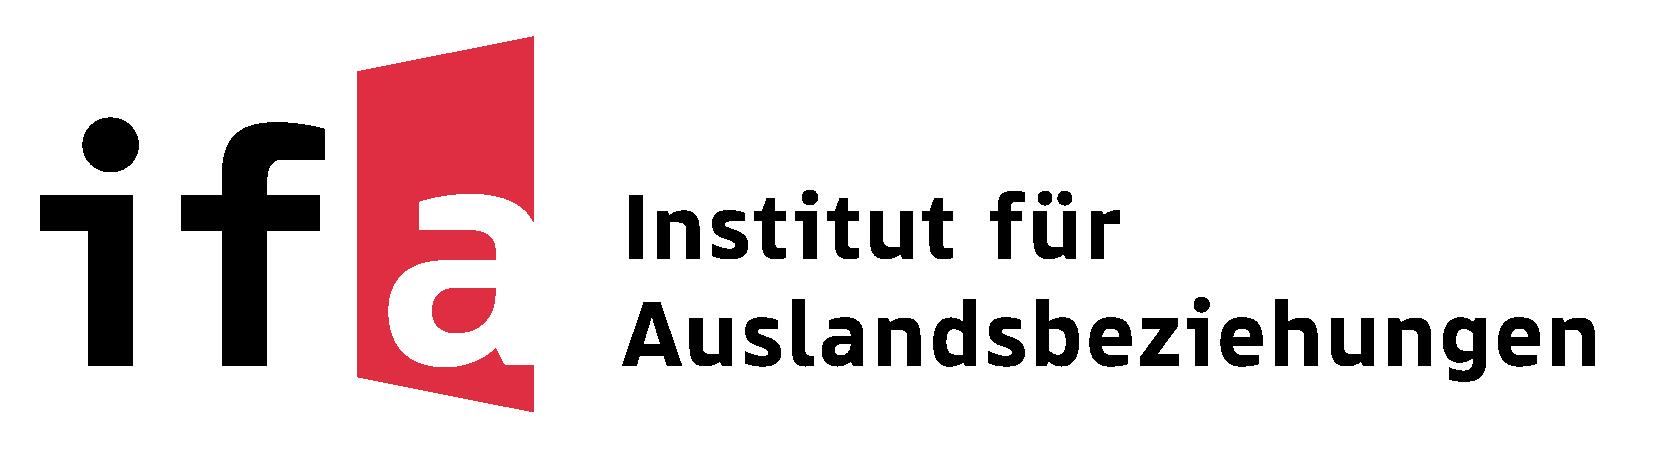 ifa (Institut für Auslandsbeziehungen)